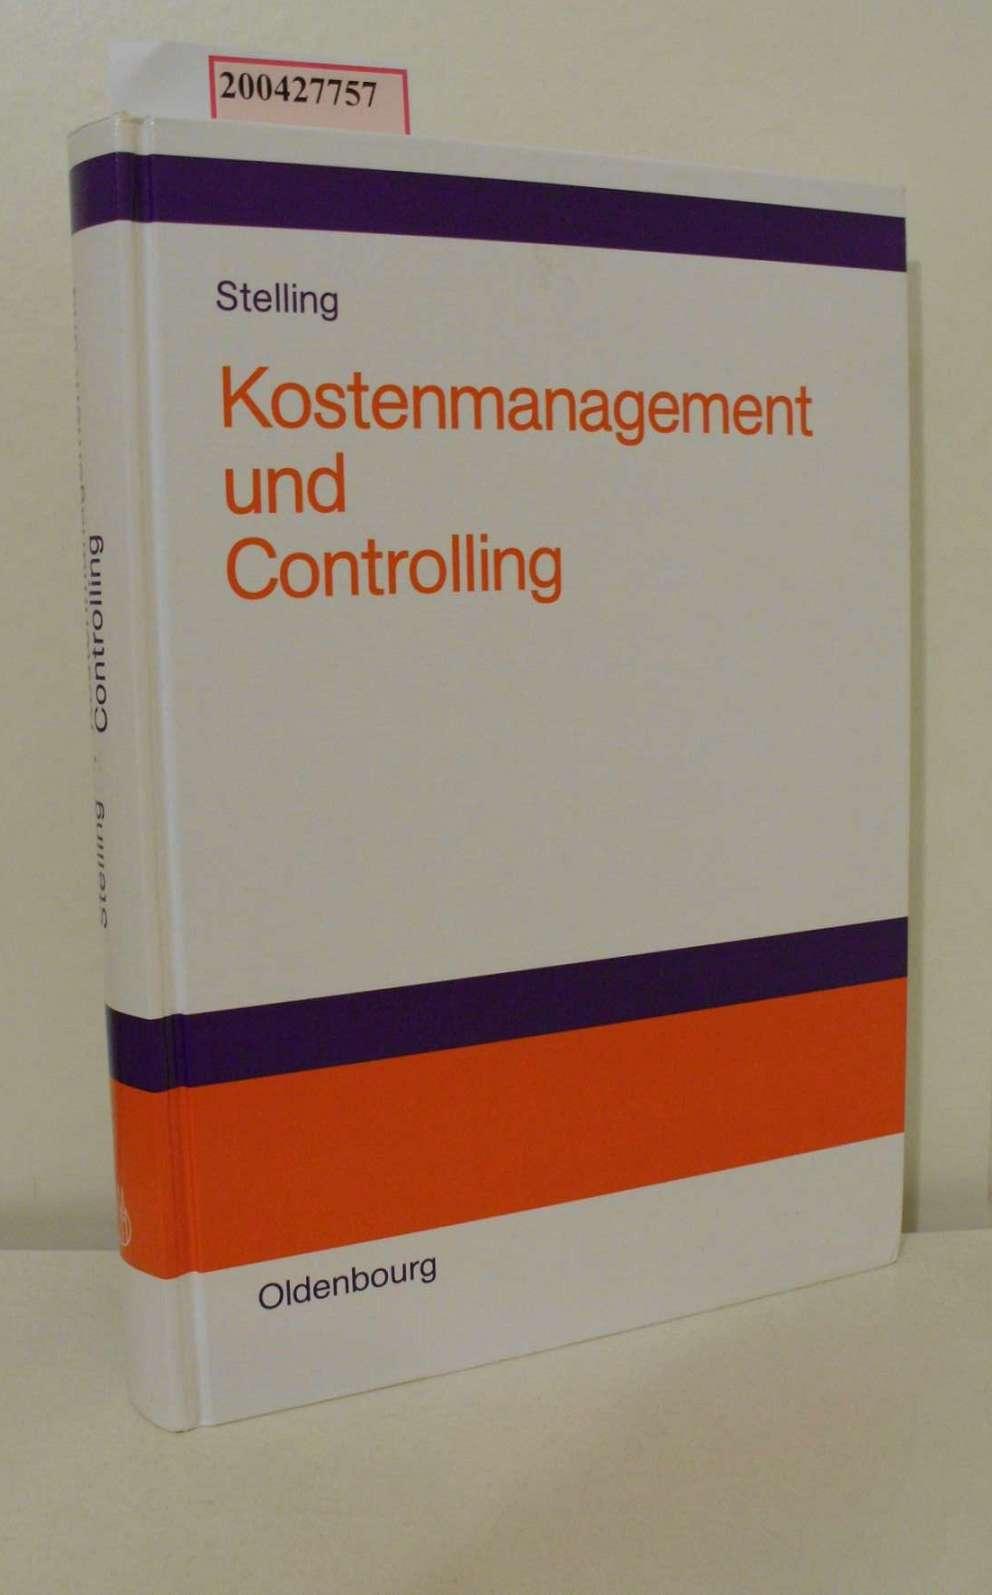 Kostenmanagement und Controlling / von Johannes N. Stelling